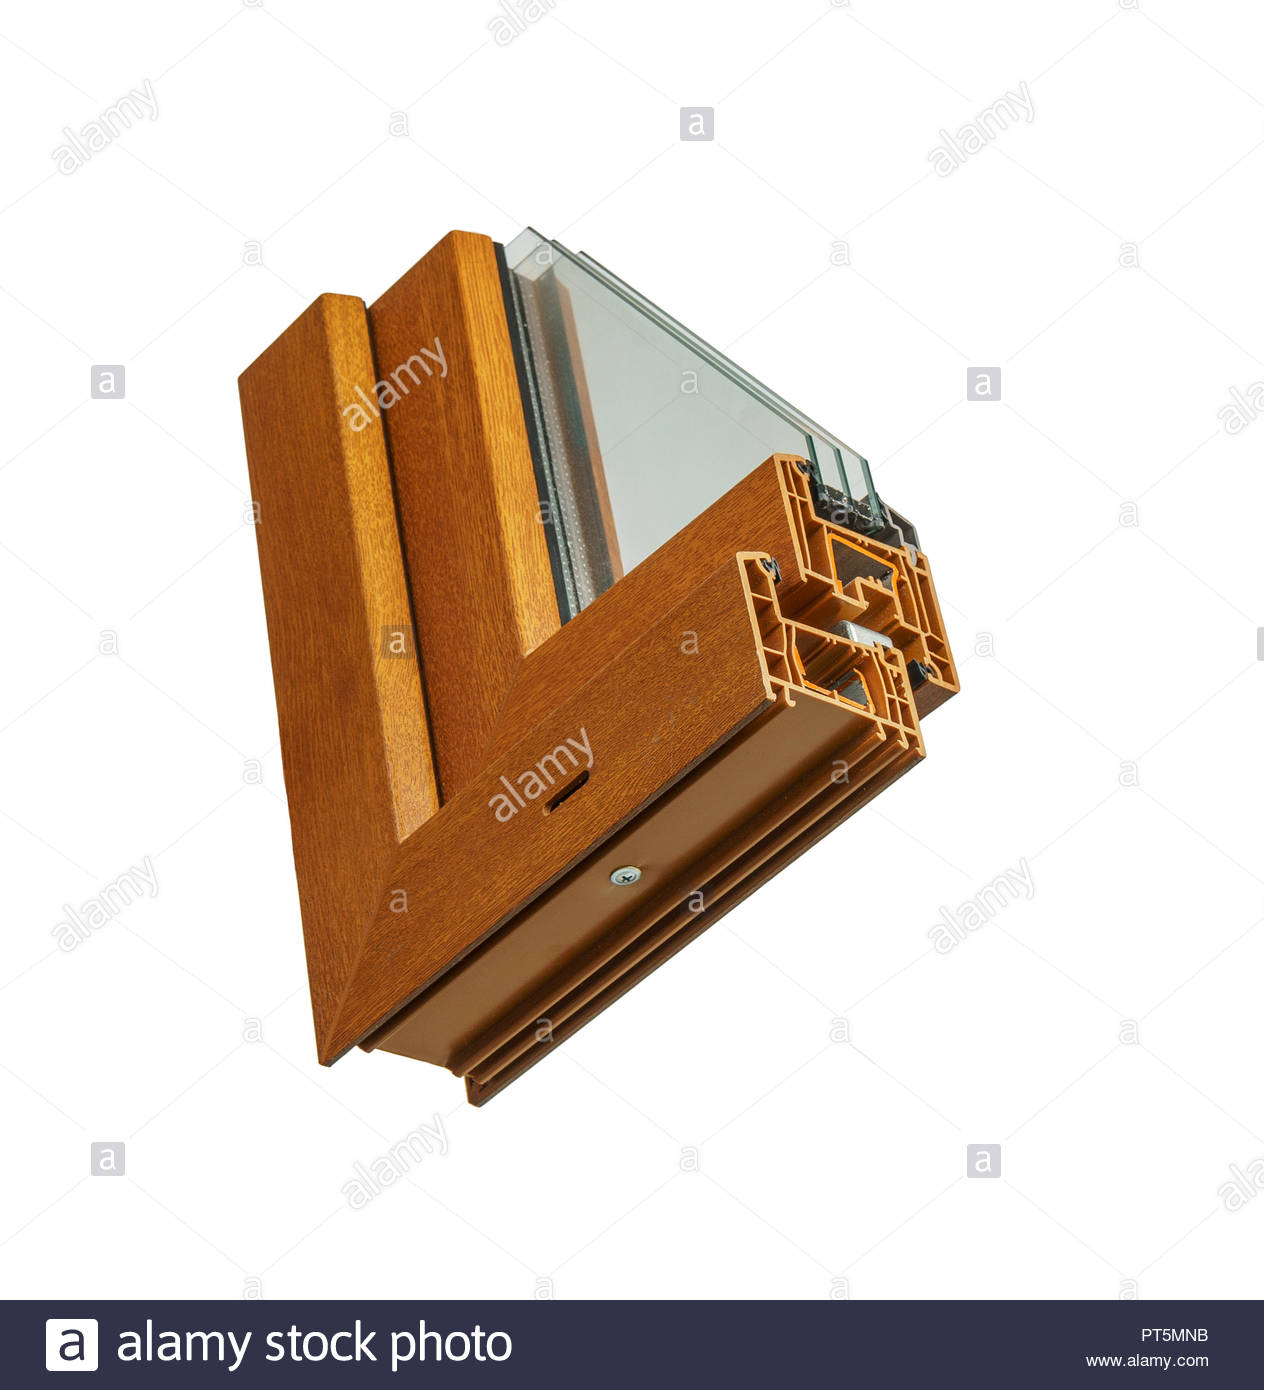 Full Size of Fenster Dreifachverglasung Mit Und Holzrahmen Einbruchsicher Nachrüsten Reinigen Drutex Dreh Kipp Günstige Rehau Schüco Online Sicherheitsbeschläge Fenster Fenster Dreifachverglasung